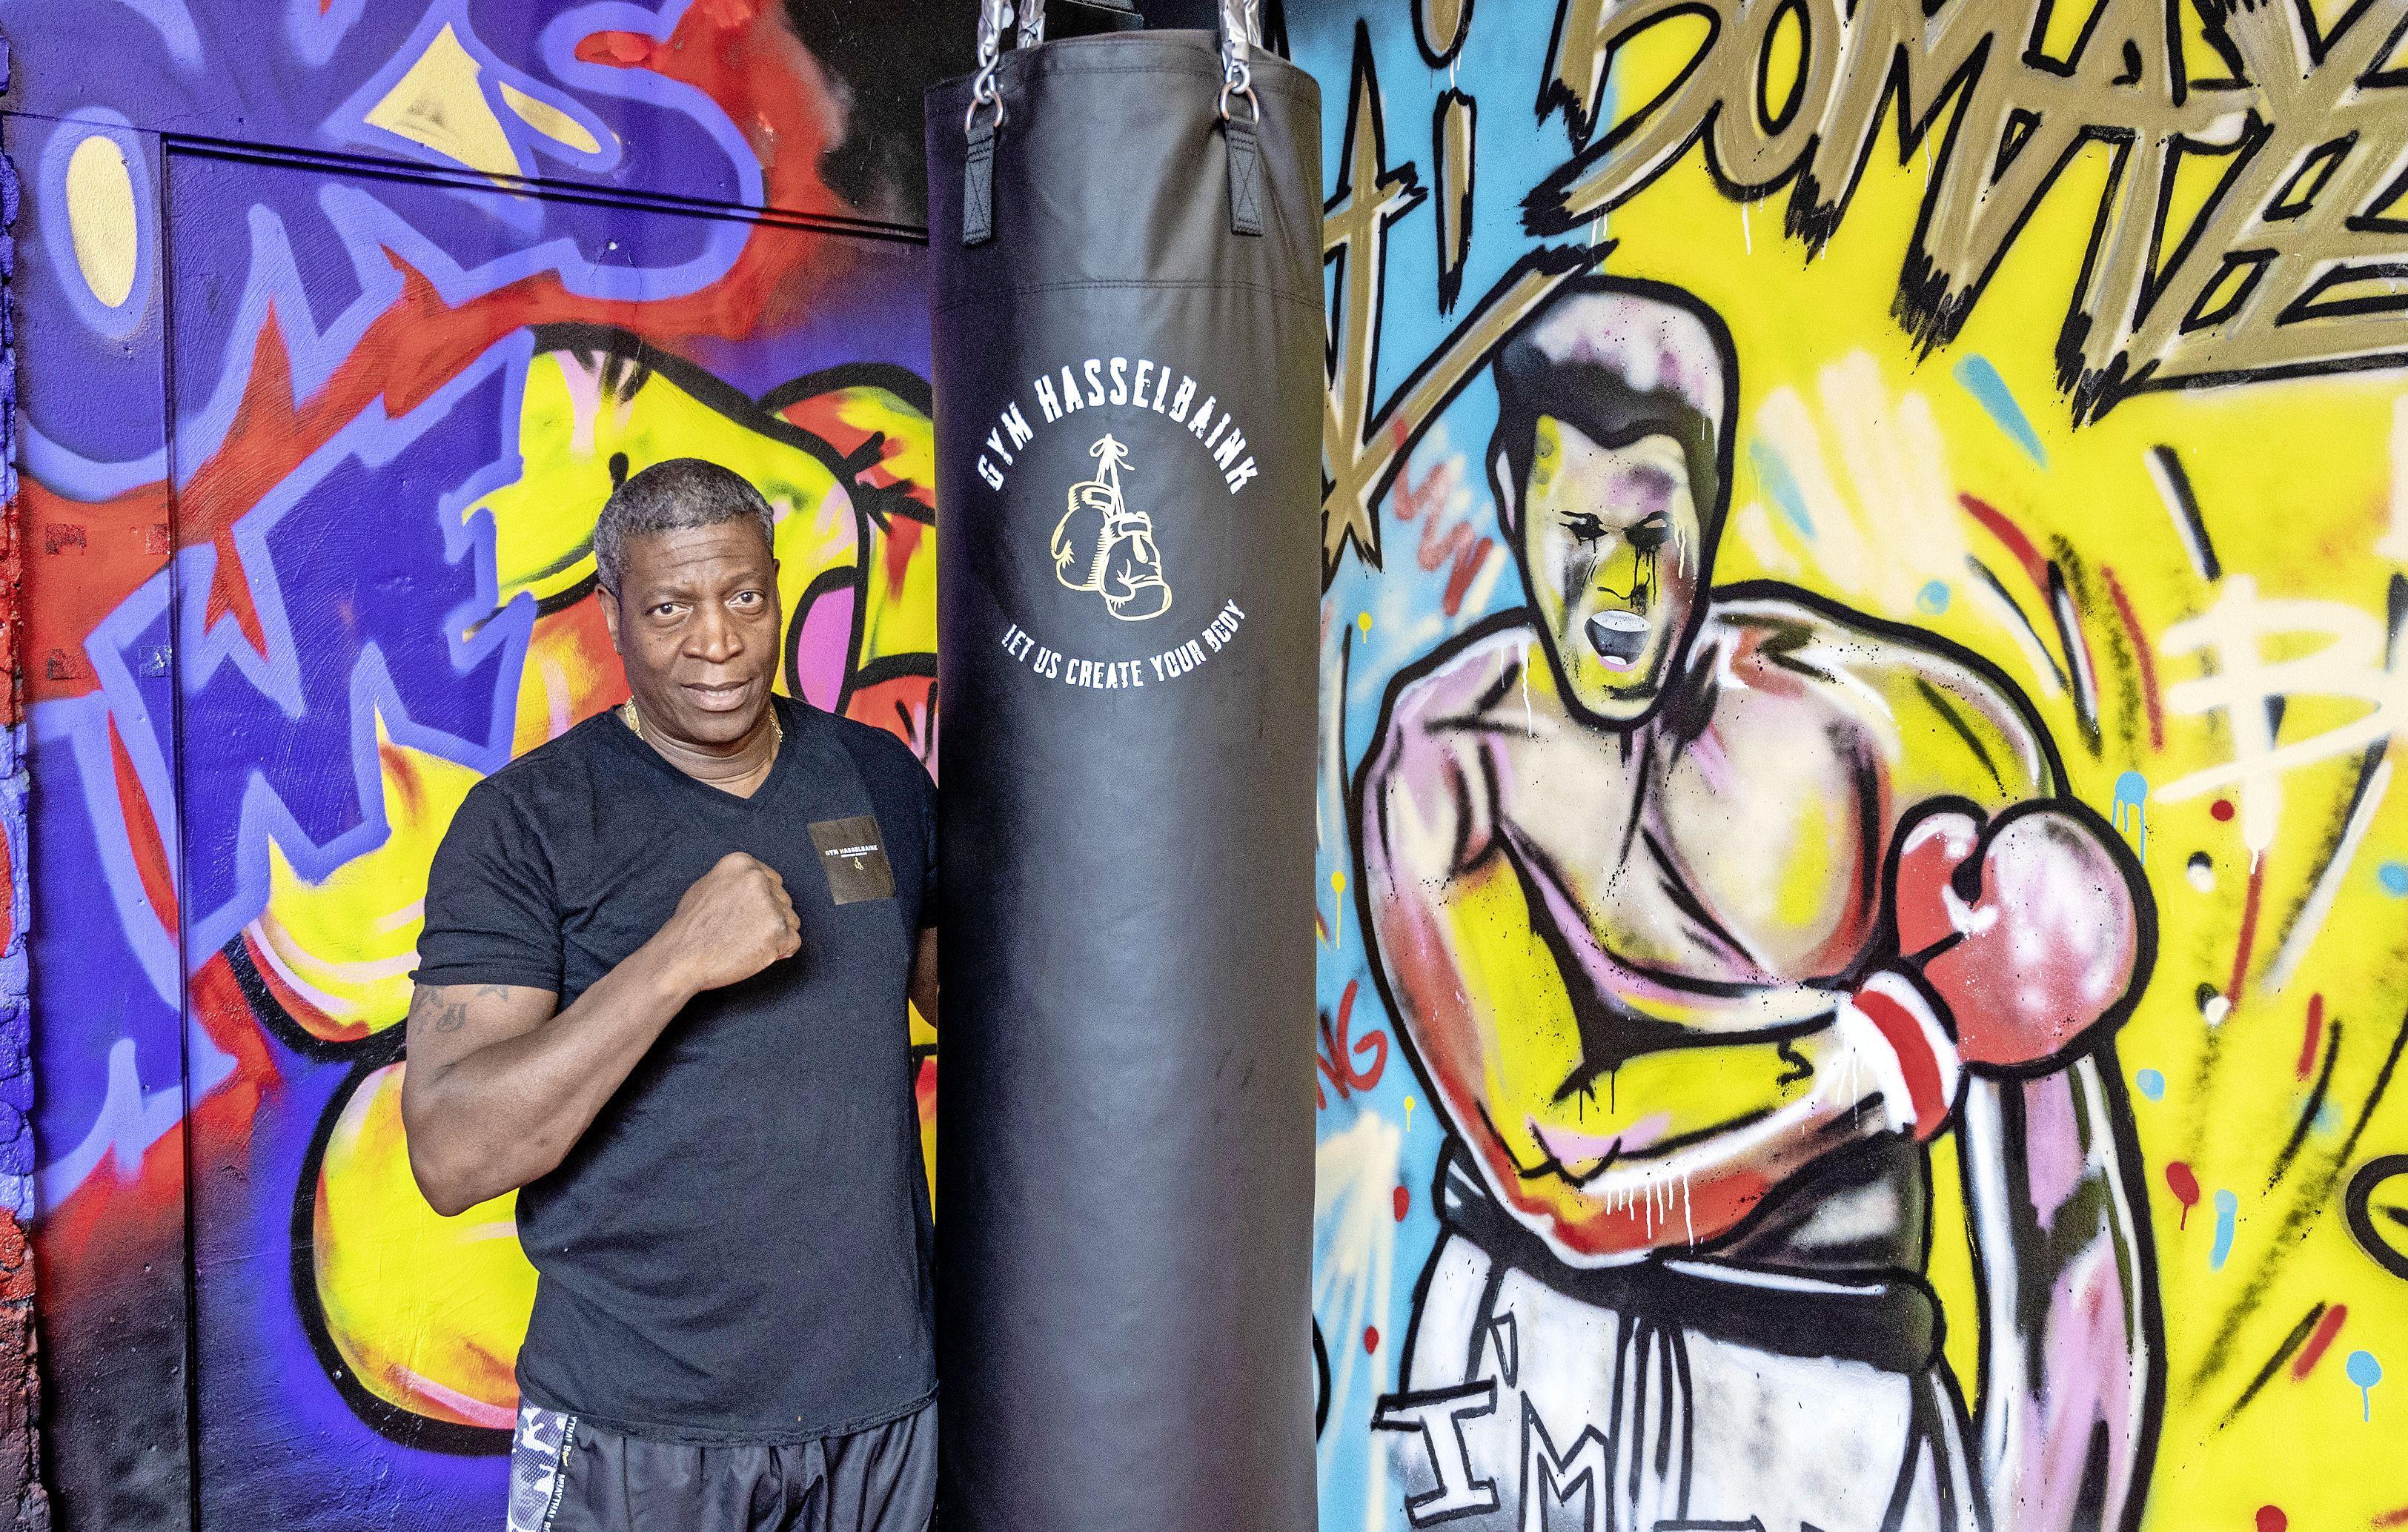 Floyd Hasselbaink richt zich met zijn sportschool op jeugd die vast dreigt te lopen. 'Lucht in hun hoofd creëren'